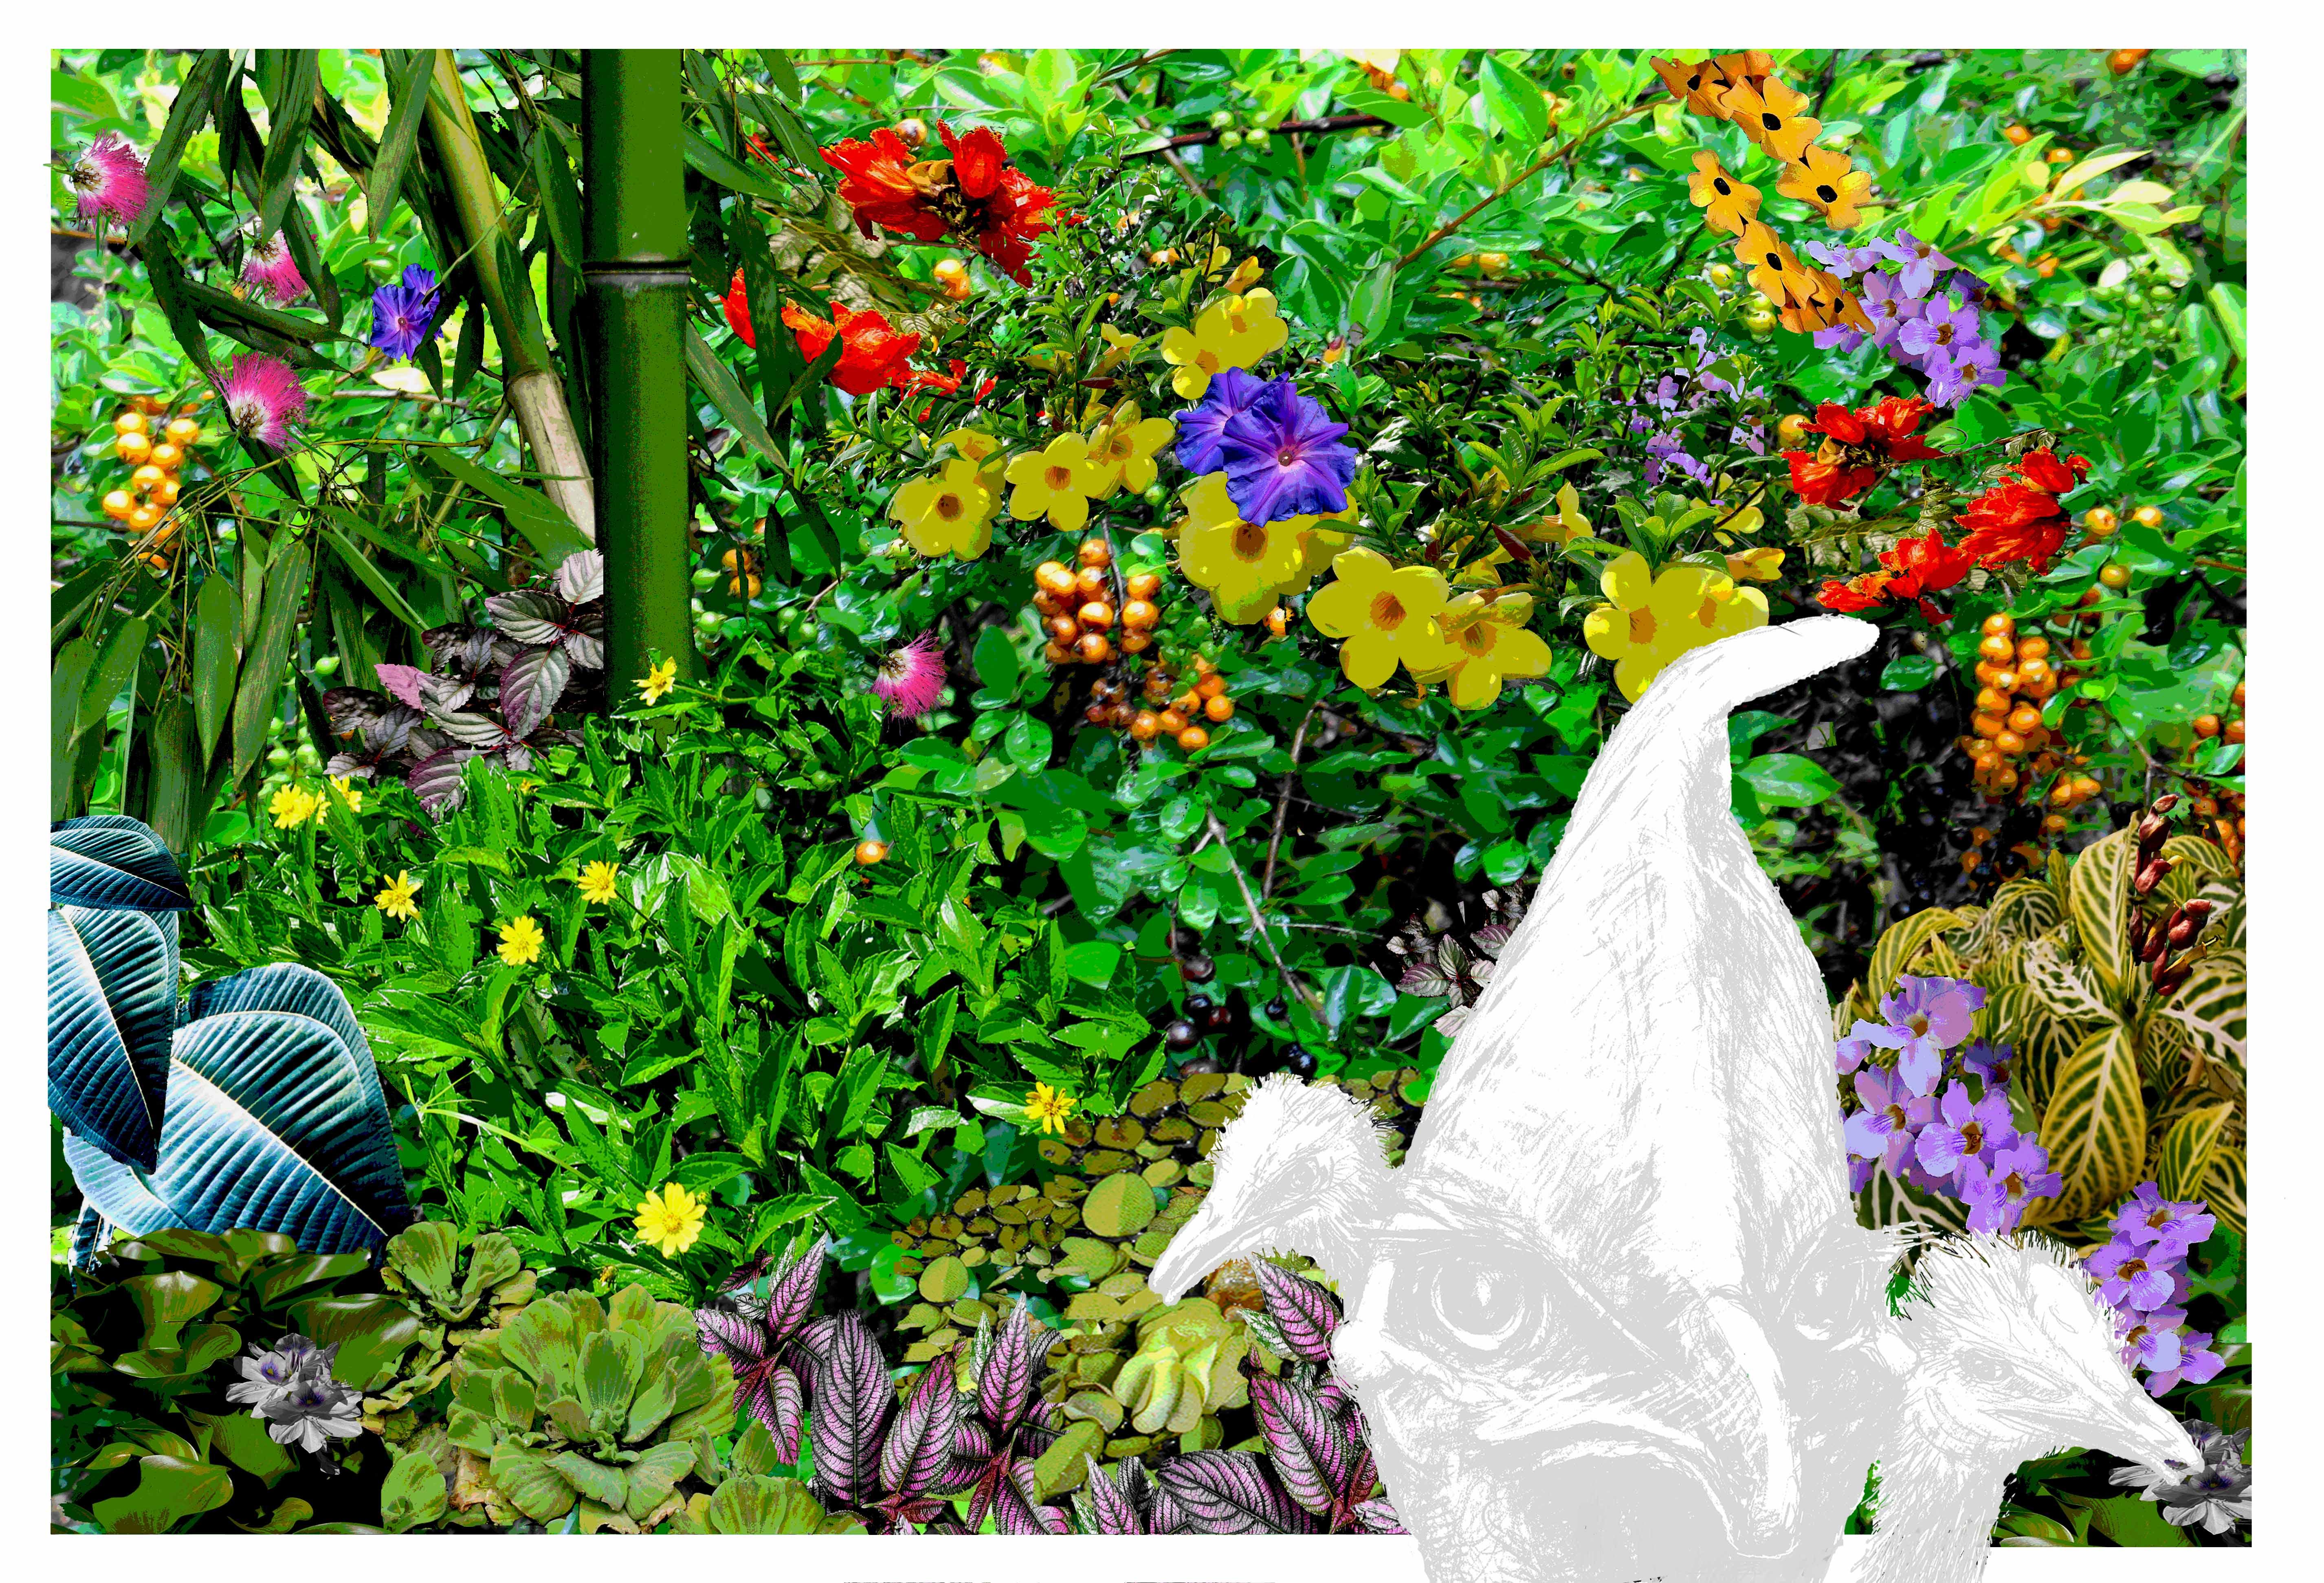 Weeds, kurandaConservation, Weeds of north queensland, margaretGenever